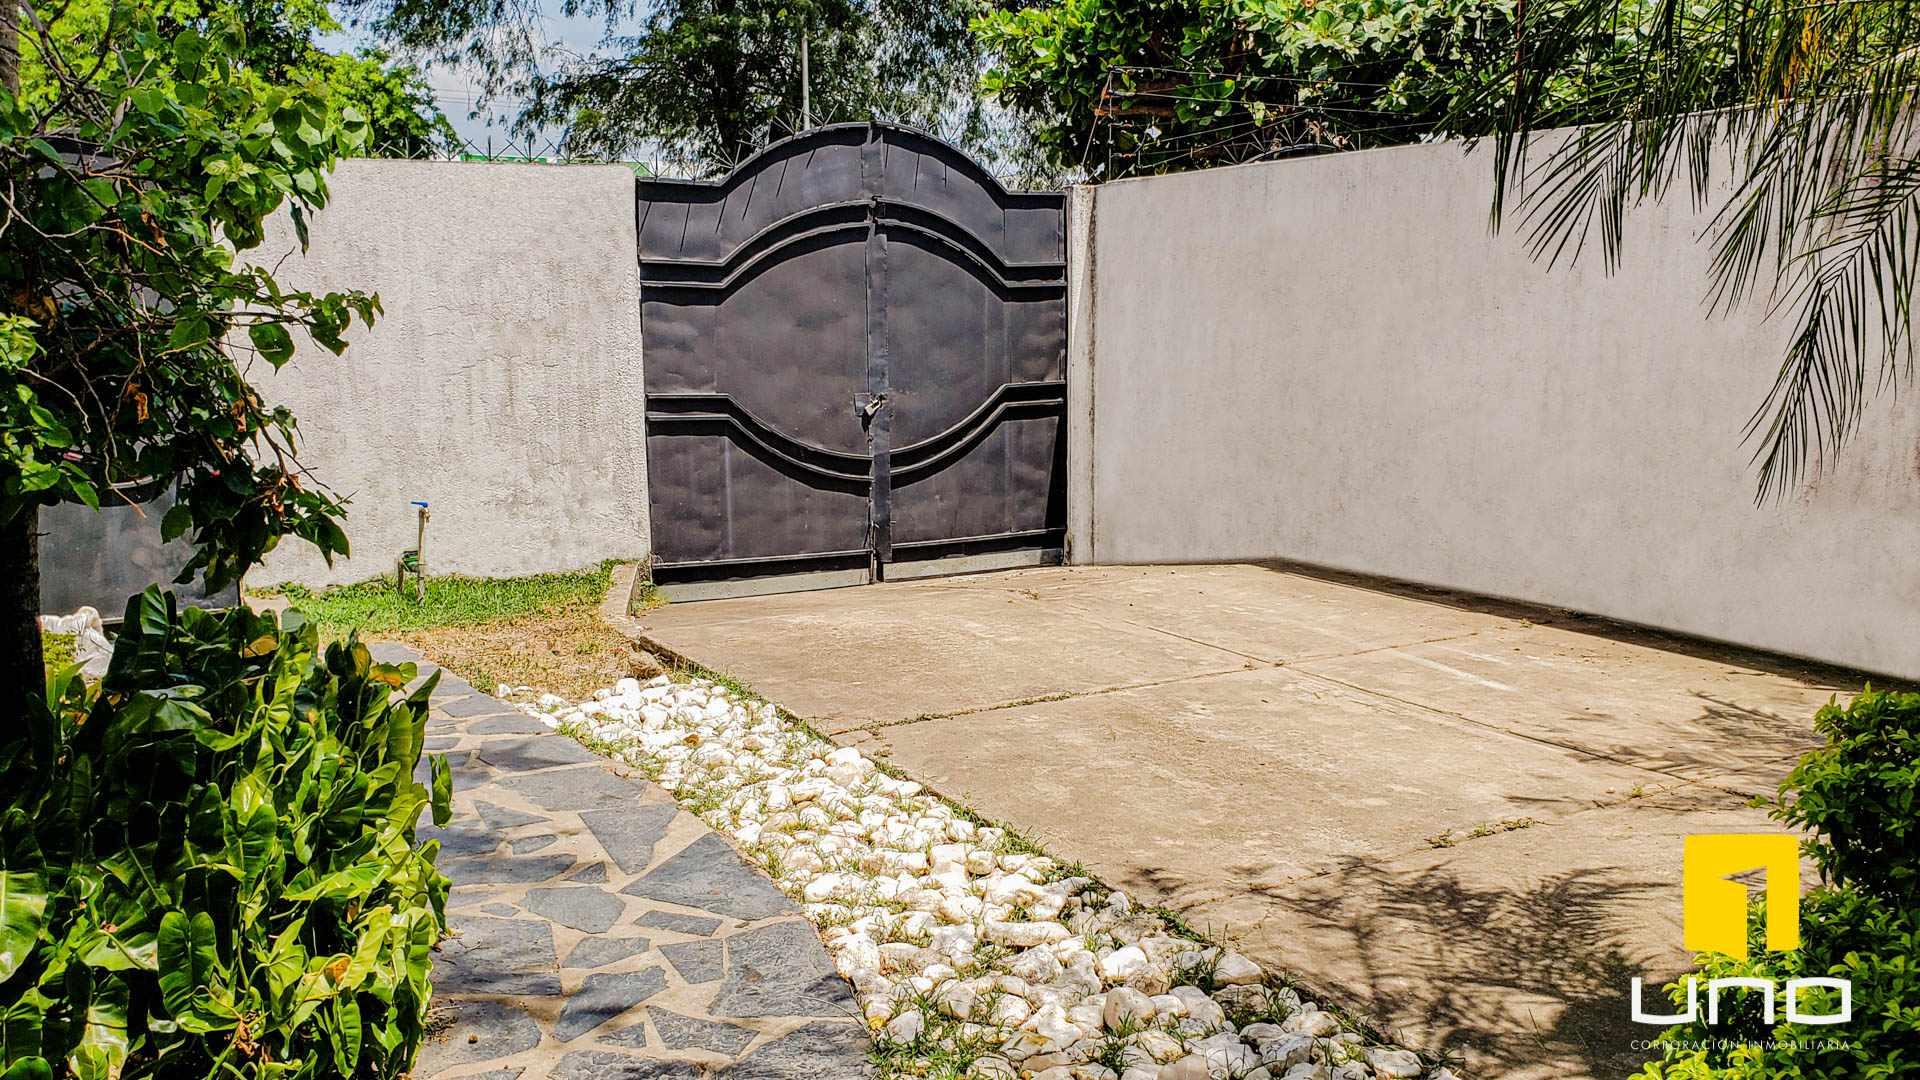 Casa en Venta $us 260.000 VENDO CASA BARRIO LAS PALMAS Foto 2